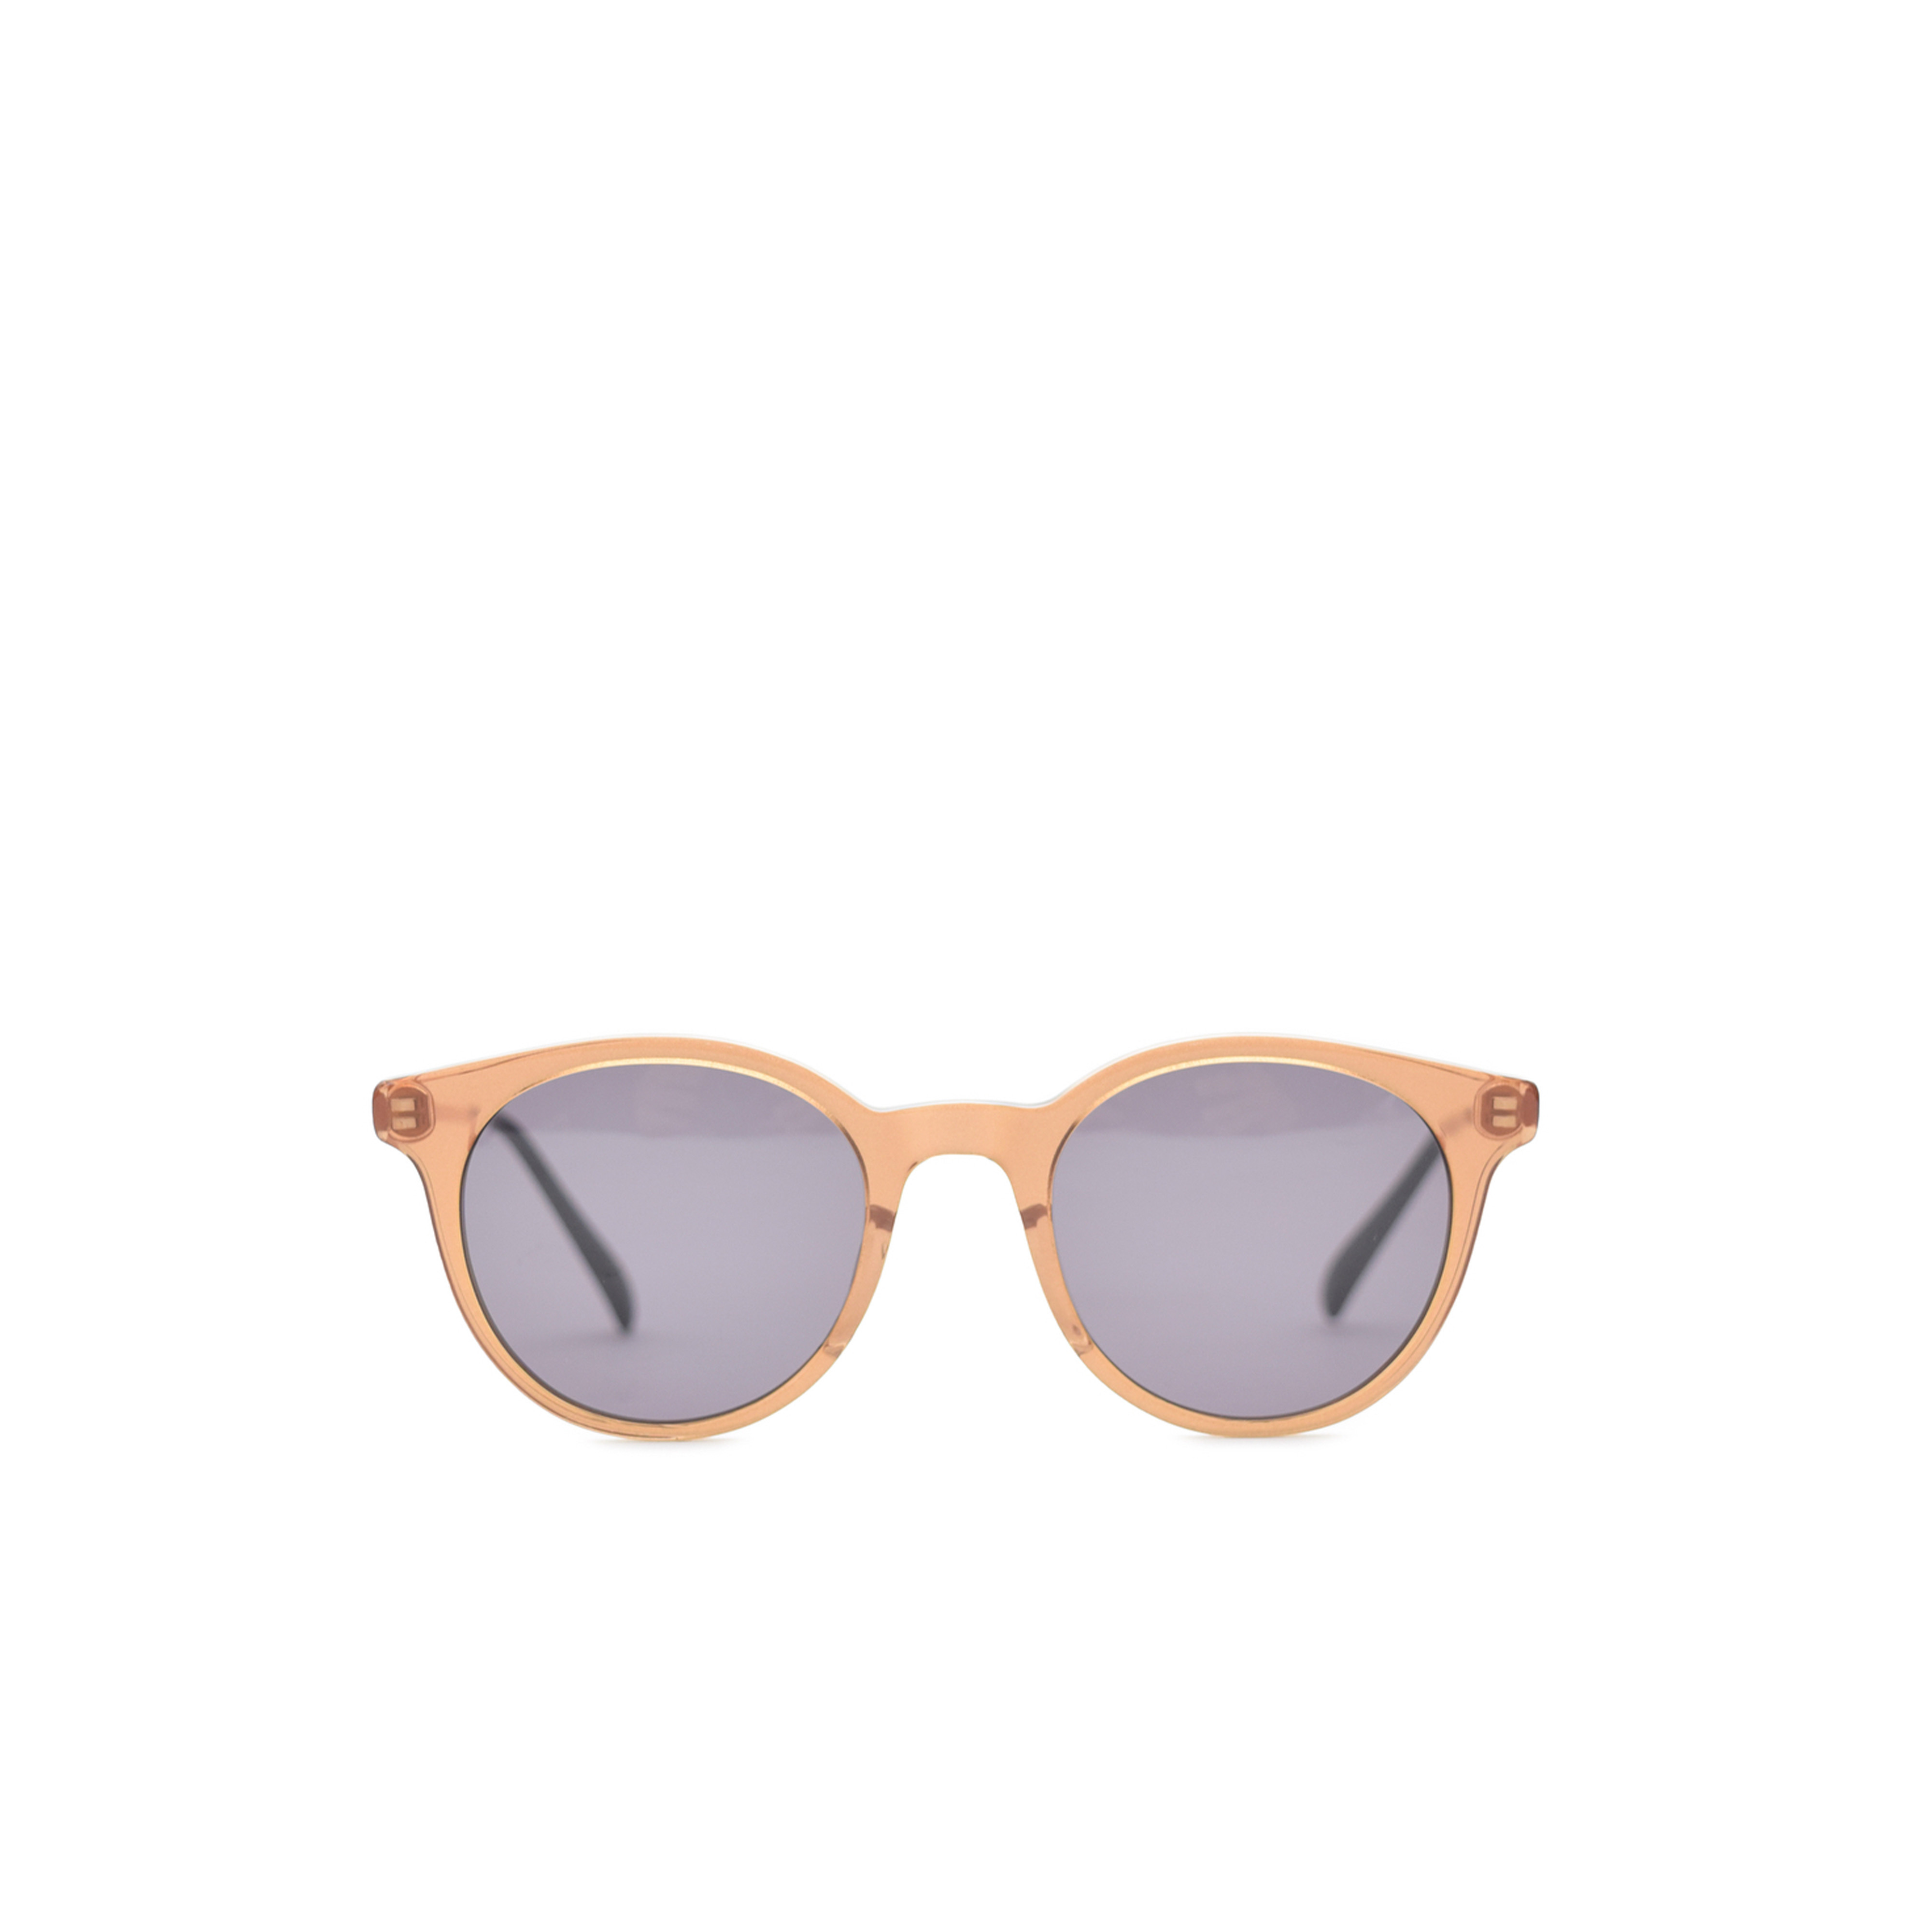 Allege × n8ise Sunglasses Girl - Brown